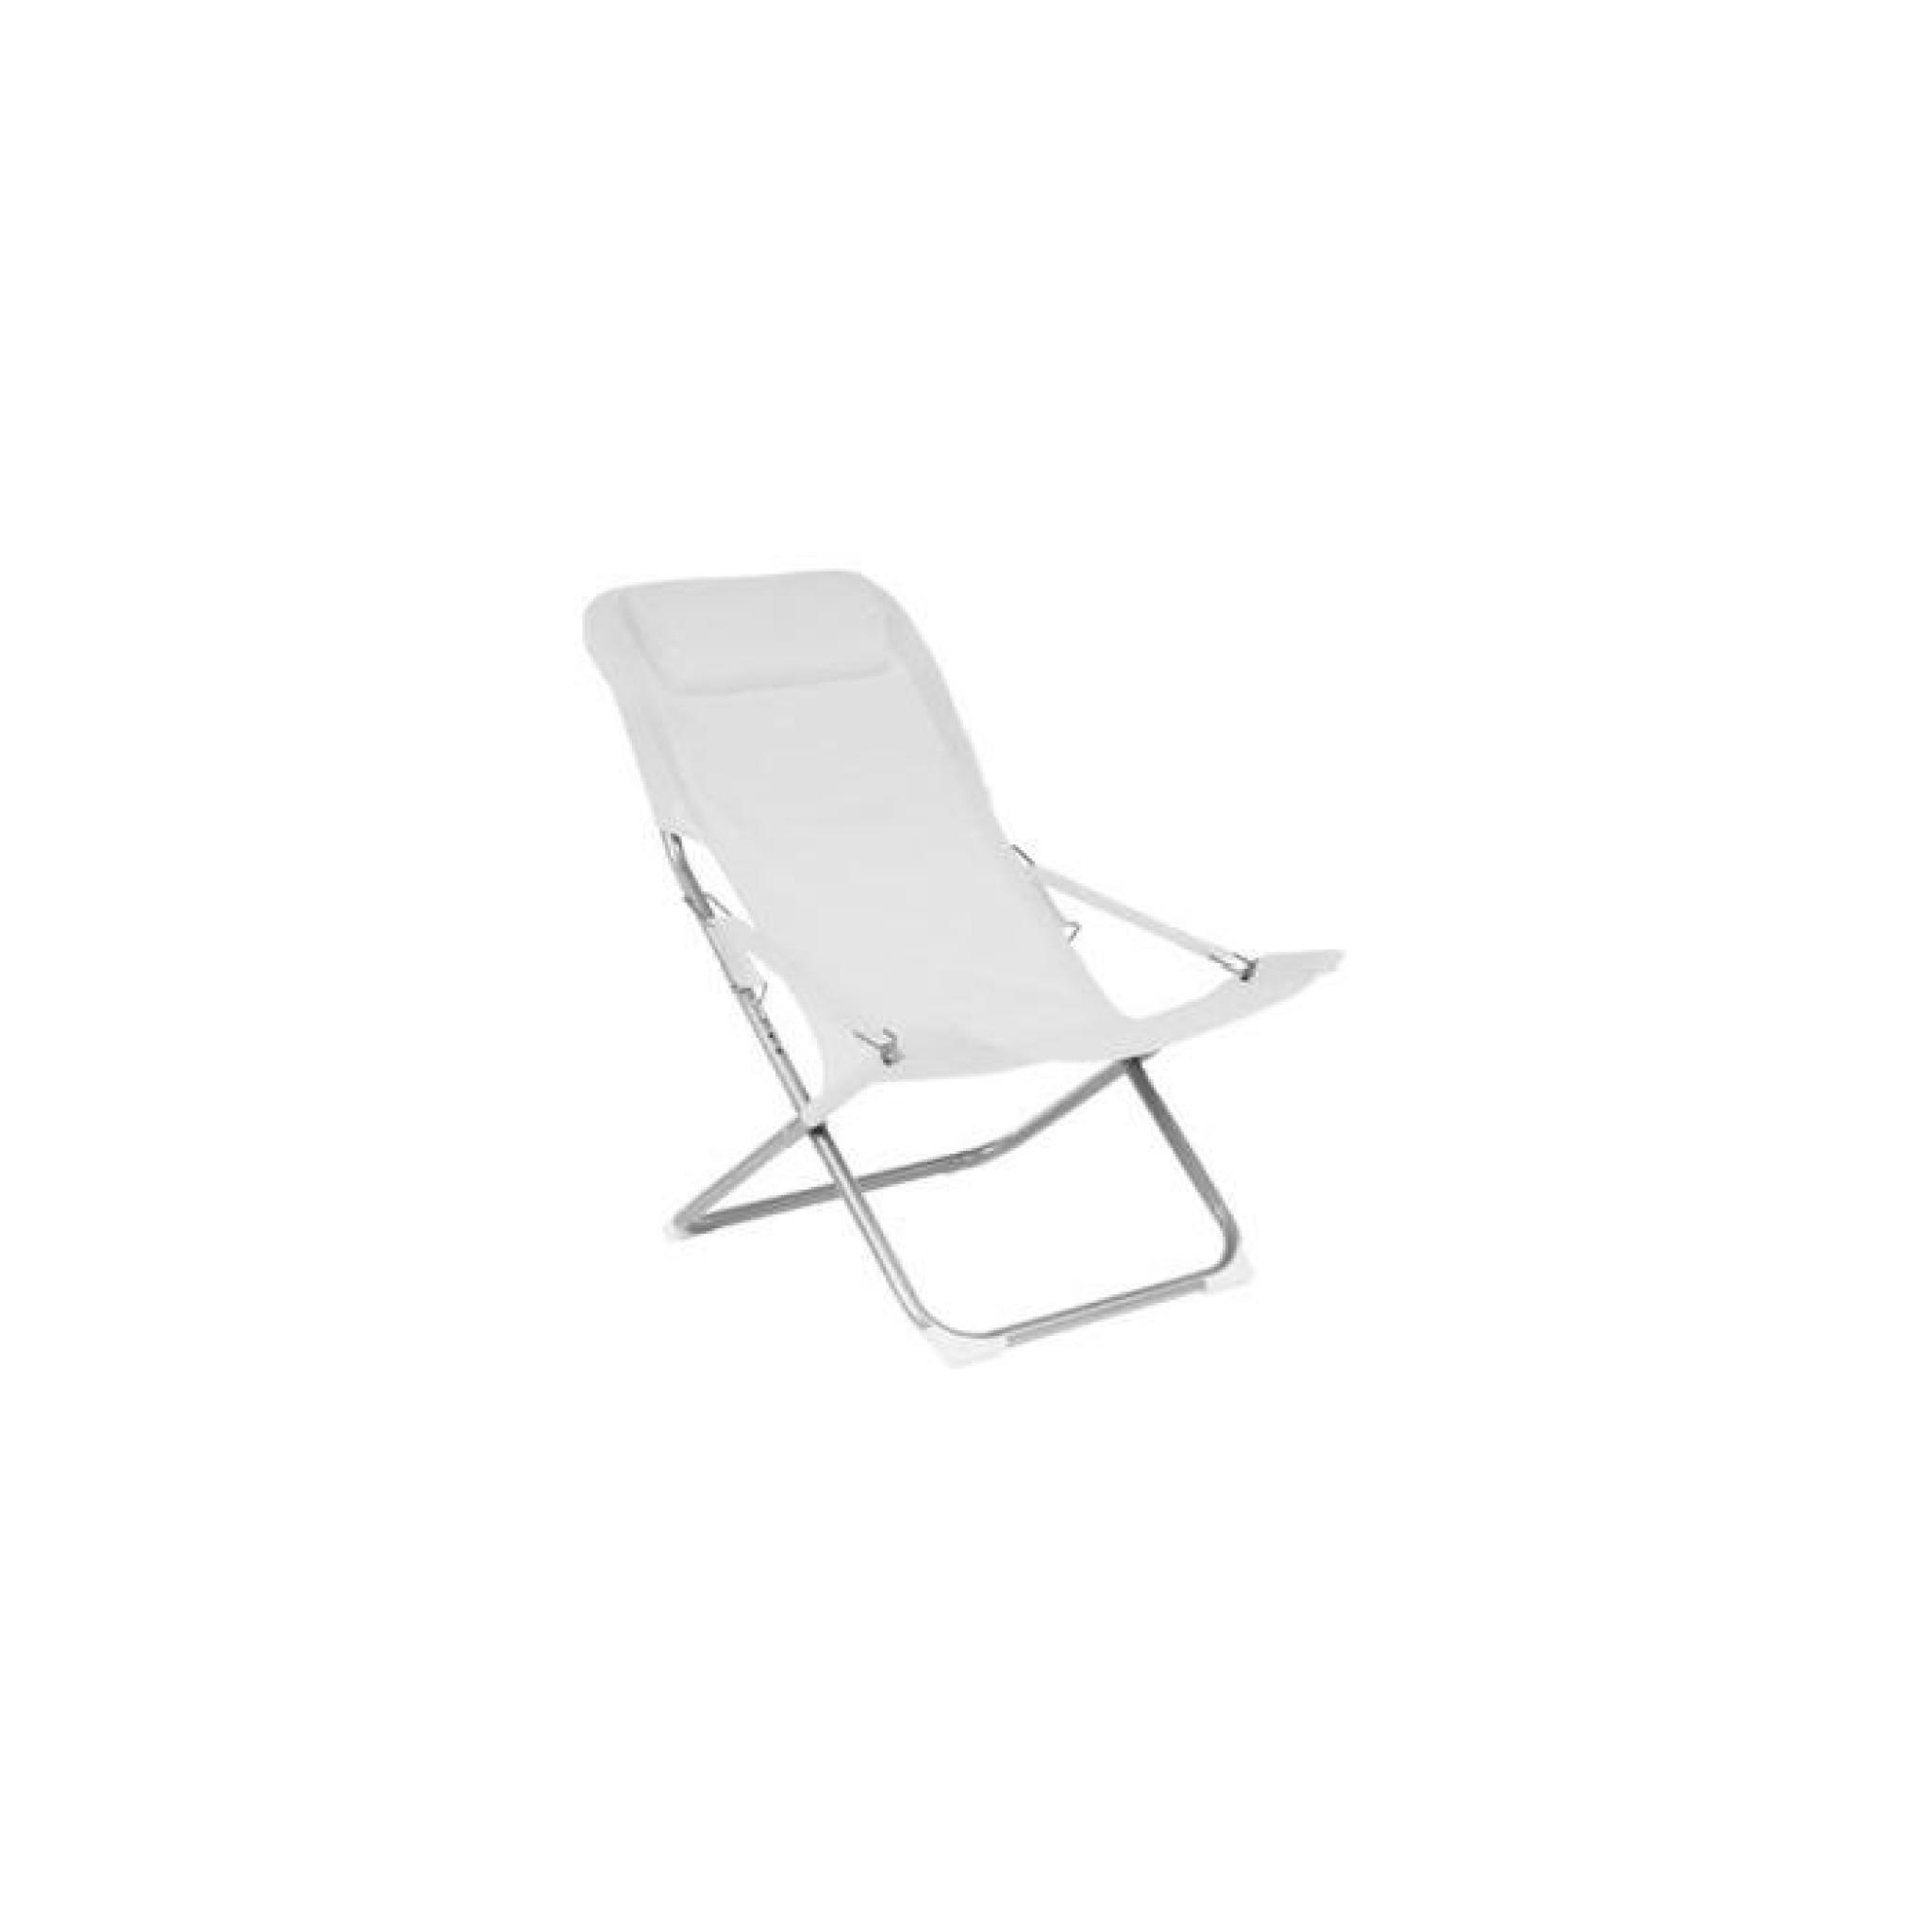 Relax noum a blanc lot de 2 longueur 88cm achat for Transat relax de jardin